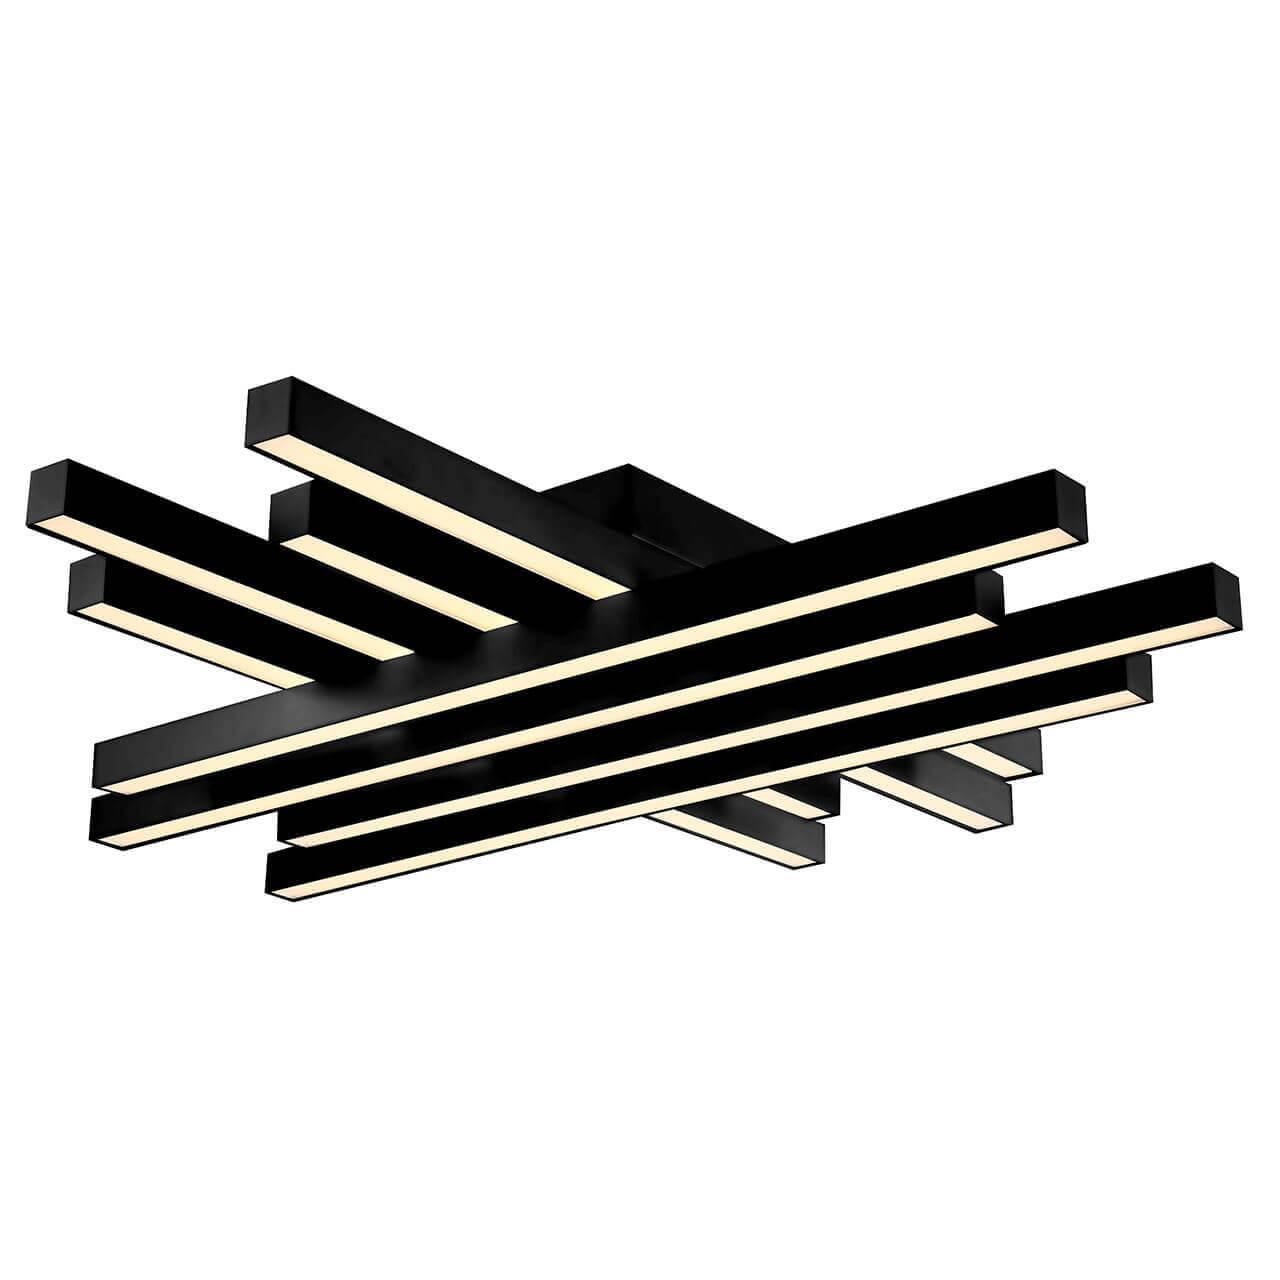 Потолочный светодиодный светильник Horoz Trend черный 019-009-0085 истинный цвет truecolor 0 5 мм черный нейтральный ручка для сердечника 20 коробка gr 009